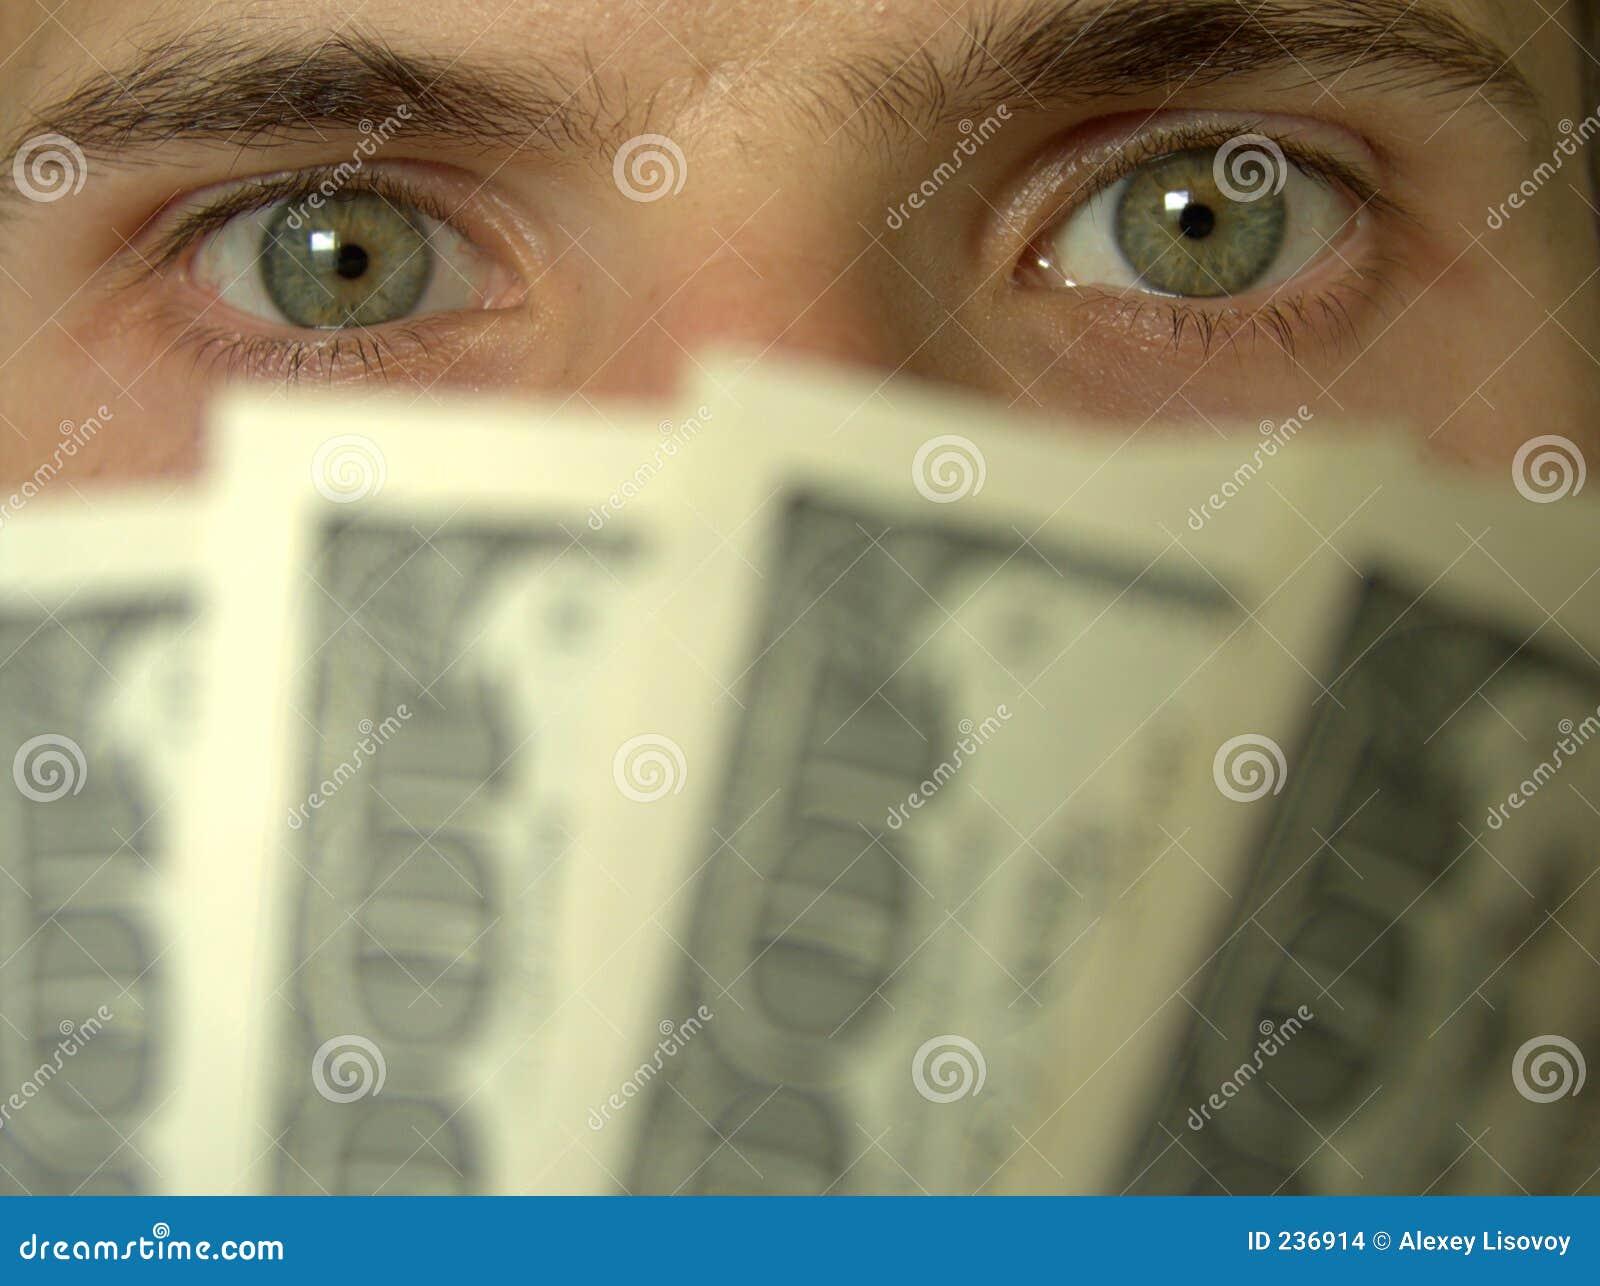 жалко денег картинки работы электронных сигарет